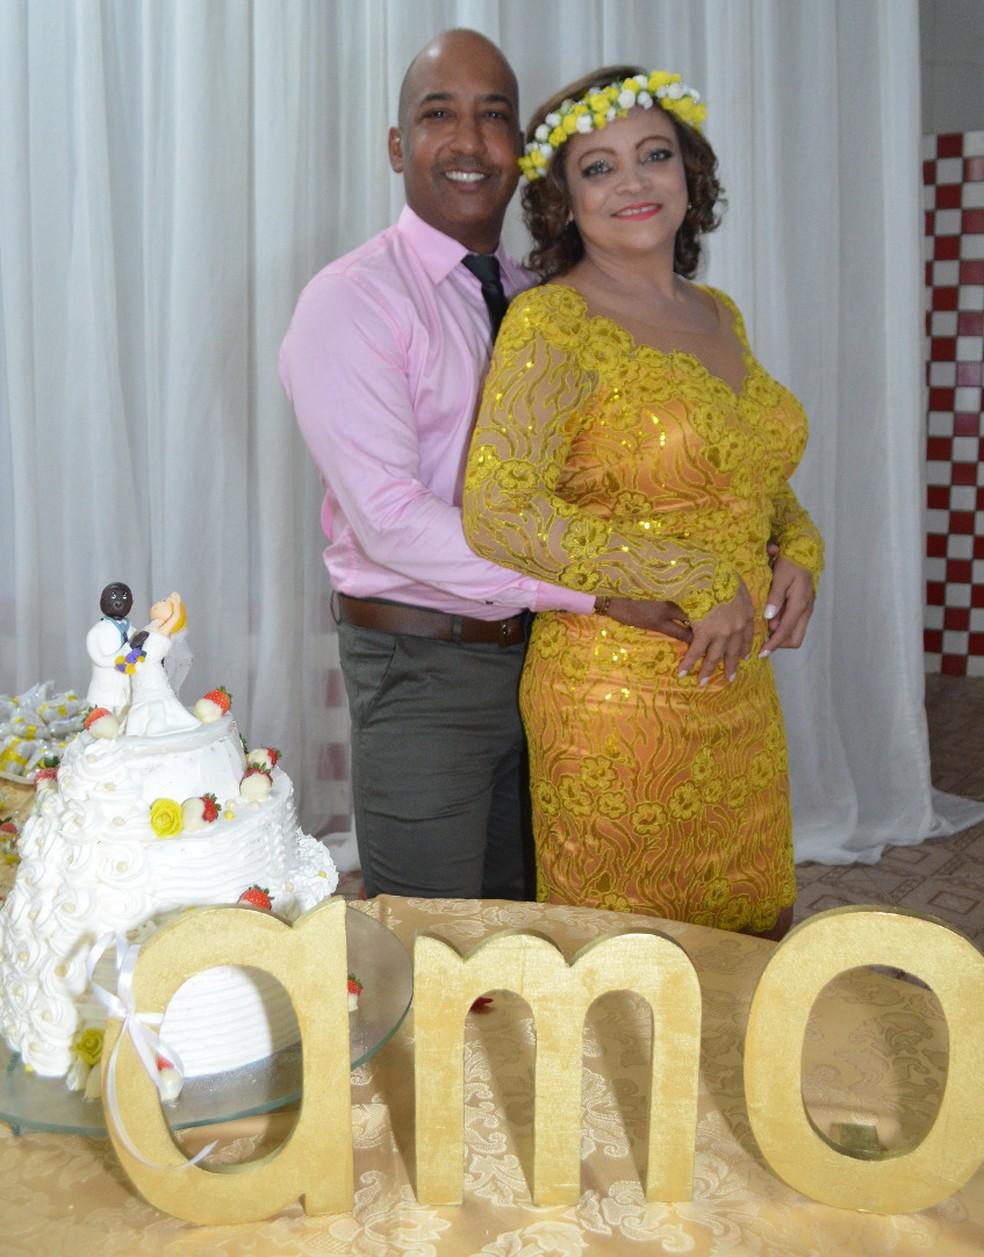 Médico cubano Humberto Armand se casou com a professora brasileira Sulene Oliveira. Atualmente, ele precisa vender churrasquinho para tirar o seu sustento no Pará — Foto: Sulene Oliveira/ Arquivo Pessoal